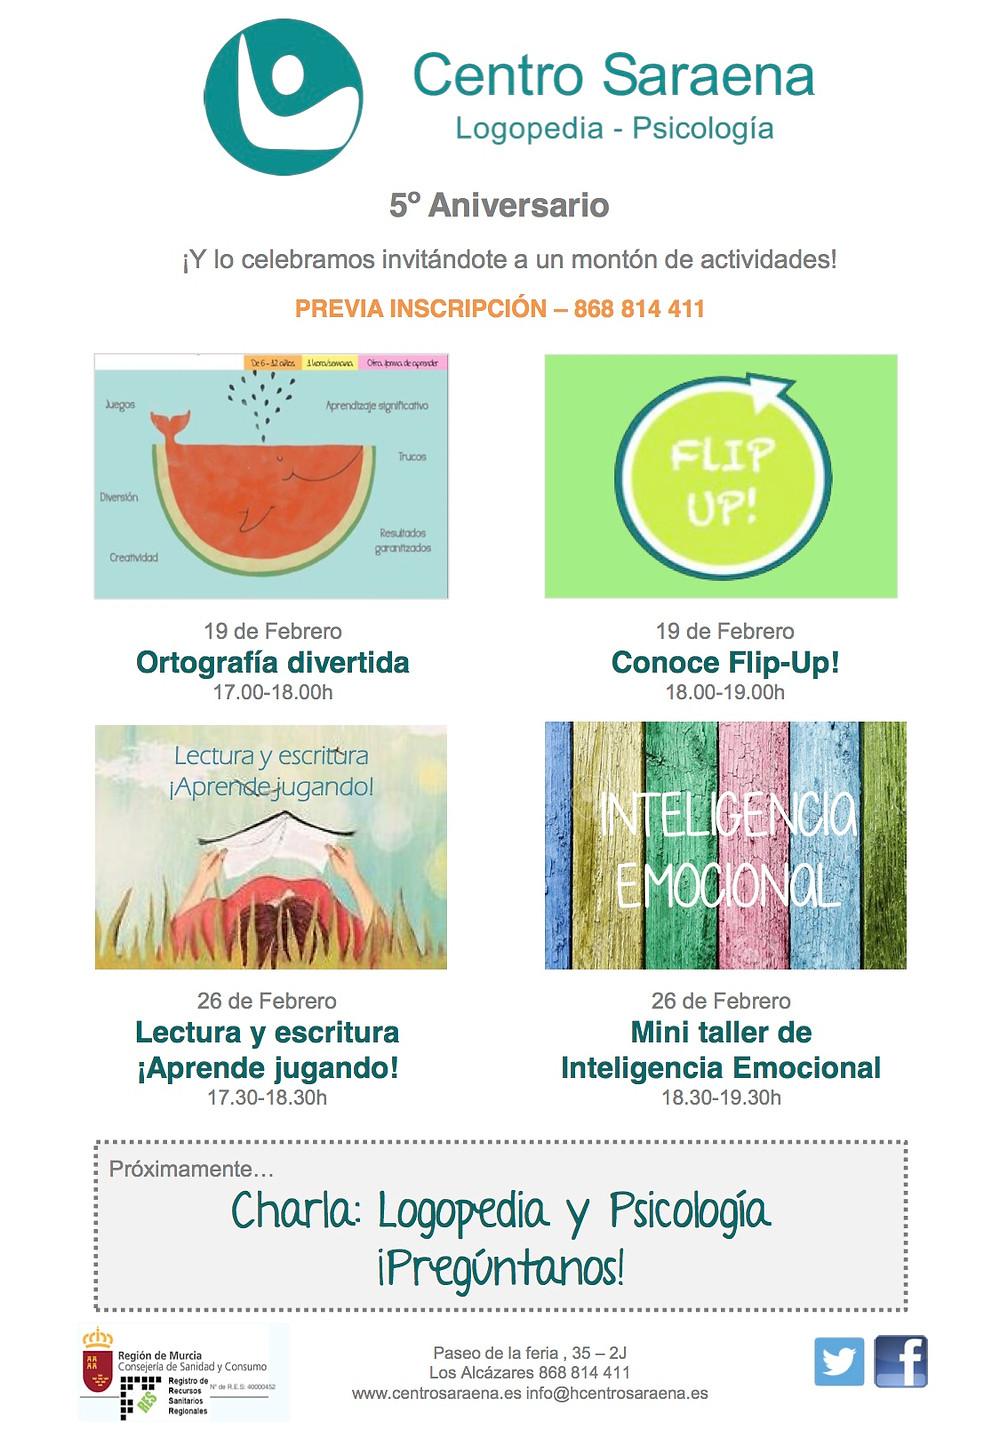 5º Aniversario Centro Saraena - logopedia y psicología Los Alcázares (Murcia)